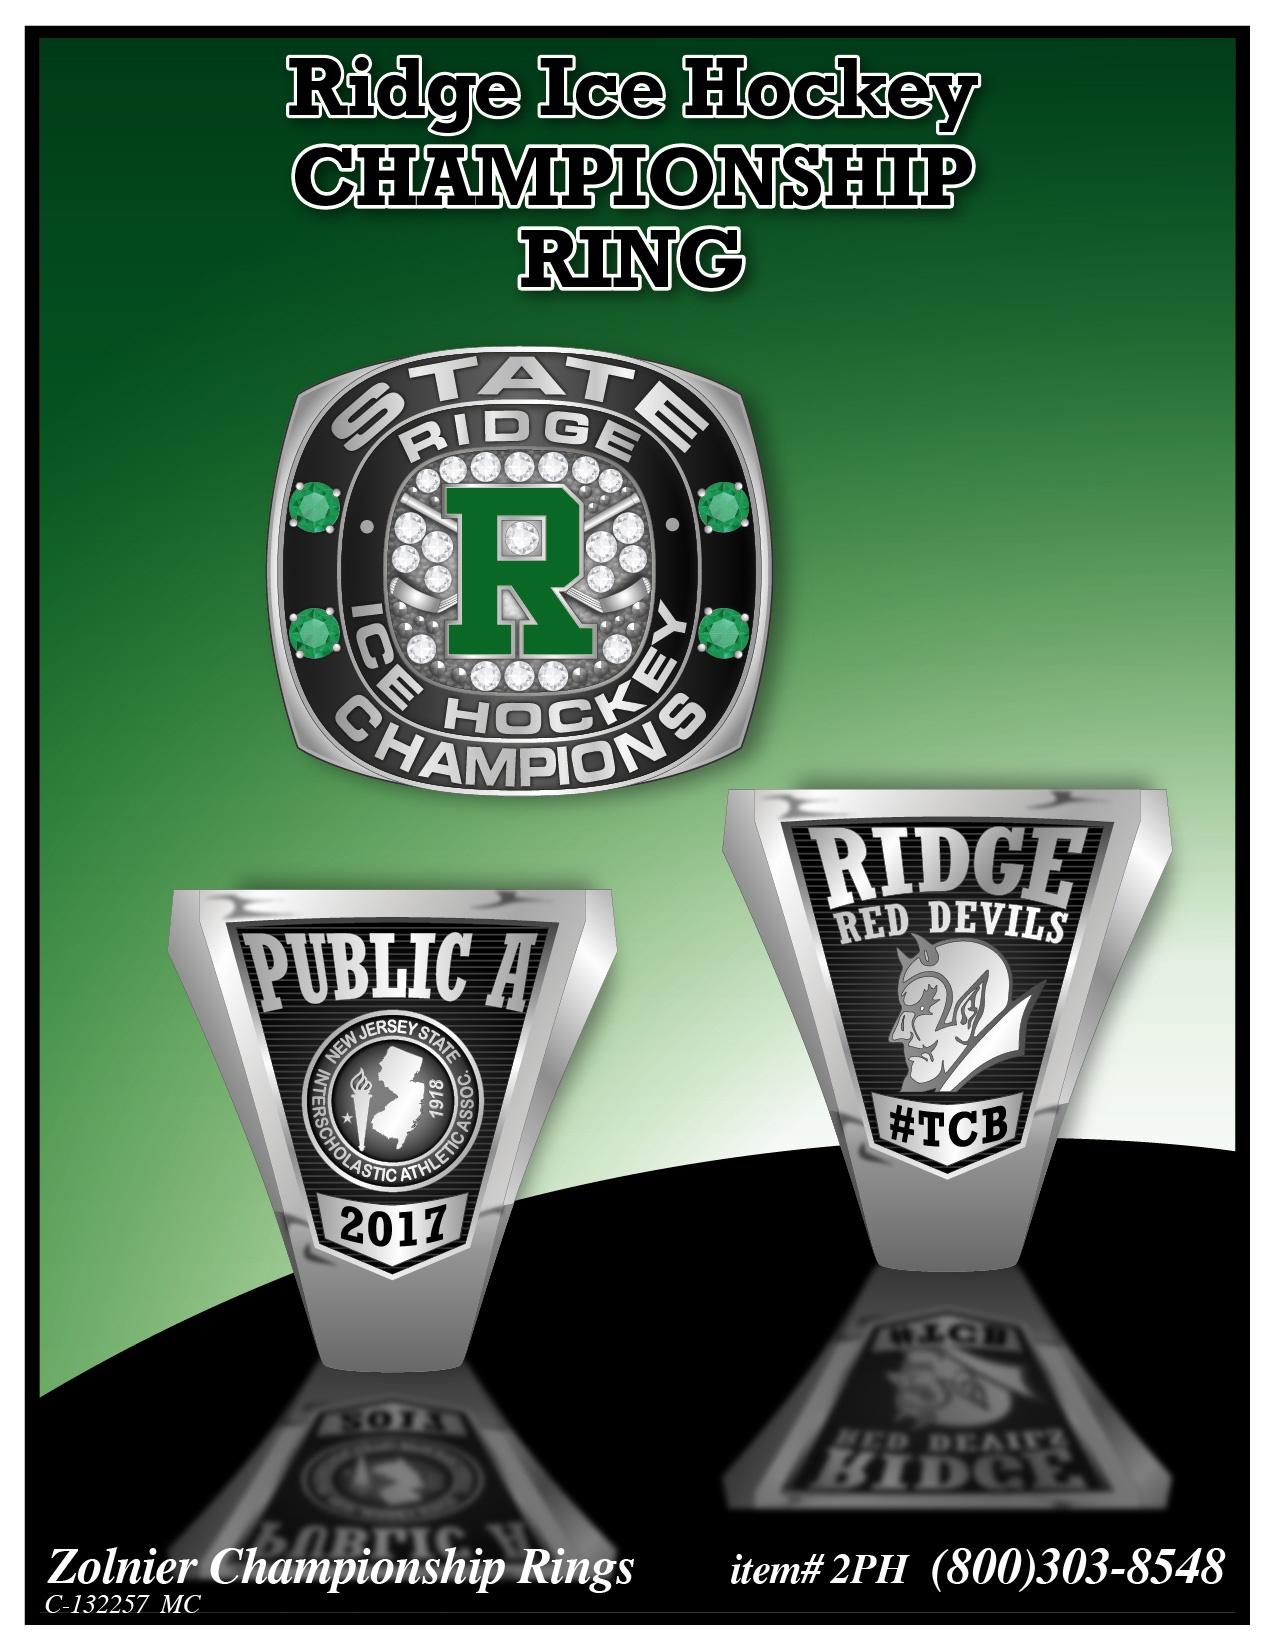 C-132257 Ridge Ice Hockey Championship Ring